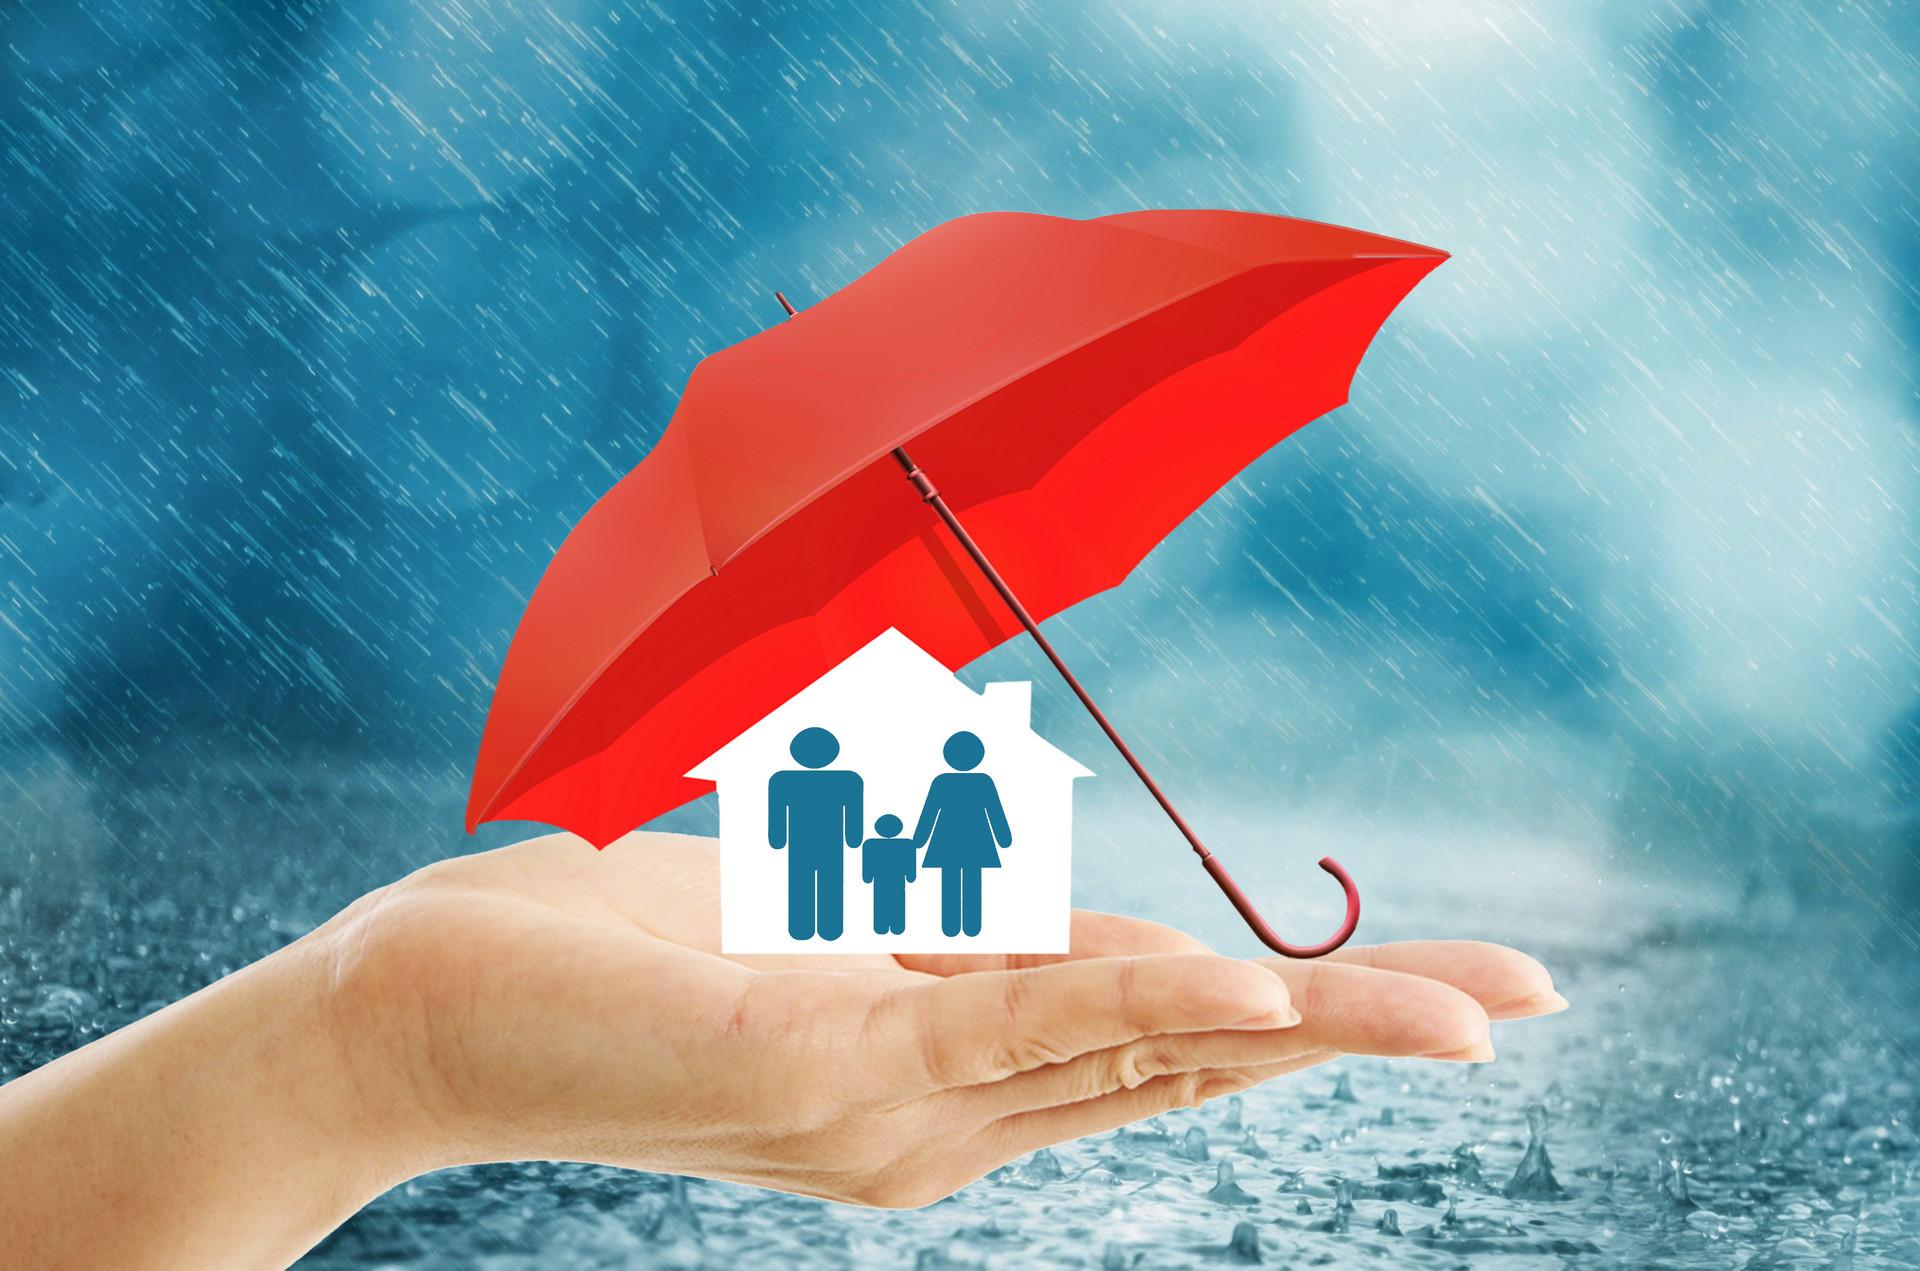 定期寿险和终身寿险的保障范围有哪些,适合哪些人群